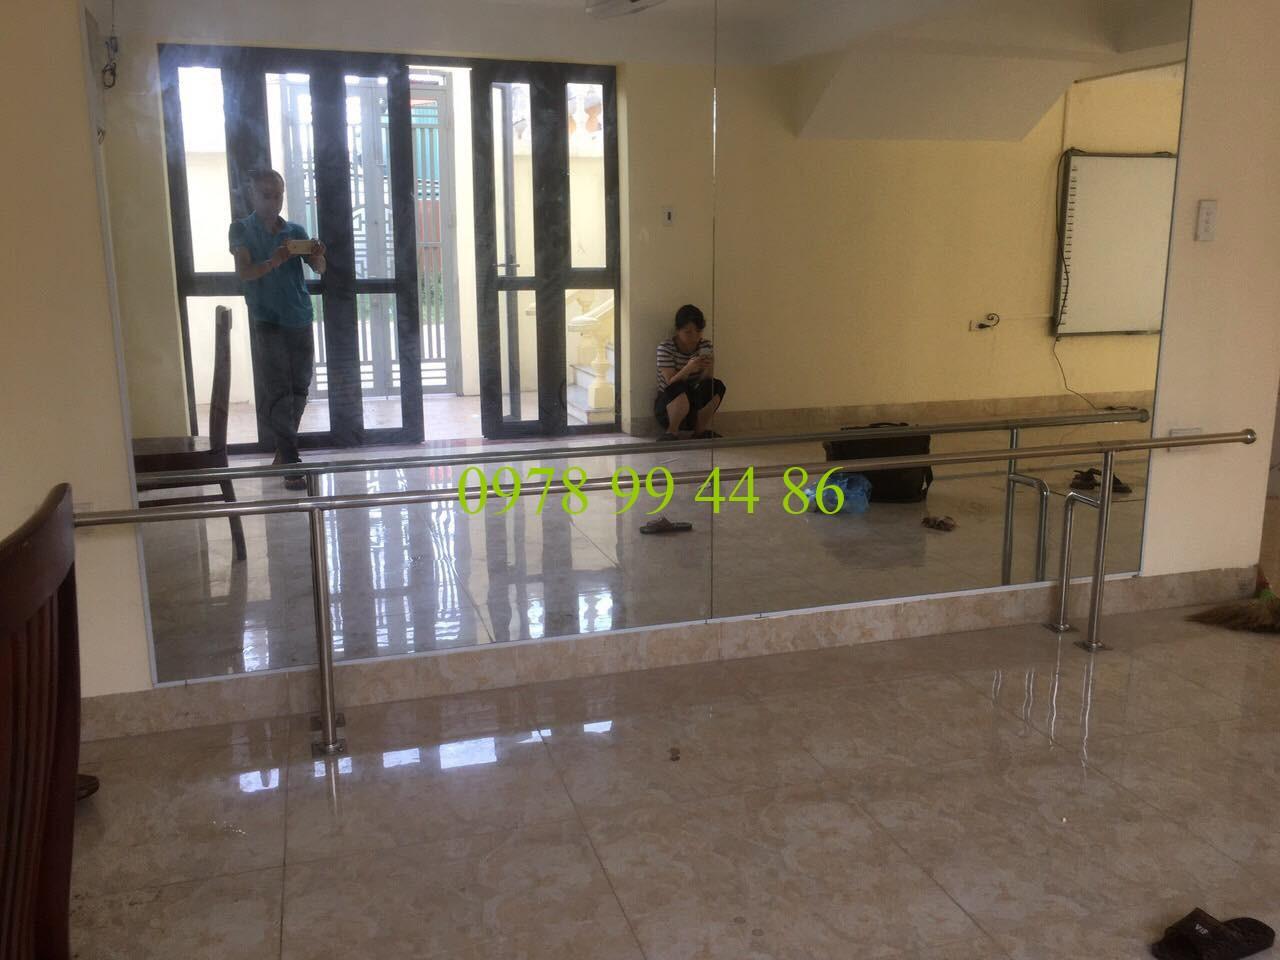 Gương phòng tập múa mầm non ngõ 2 tứ hiệp thanh trì Gương phòng tập thông minh với thiết kế dán tường tiện lợi